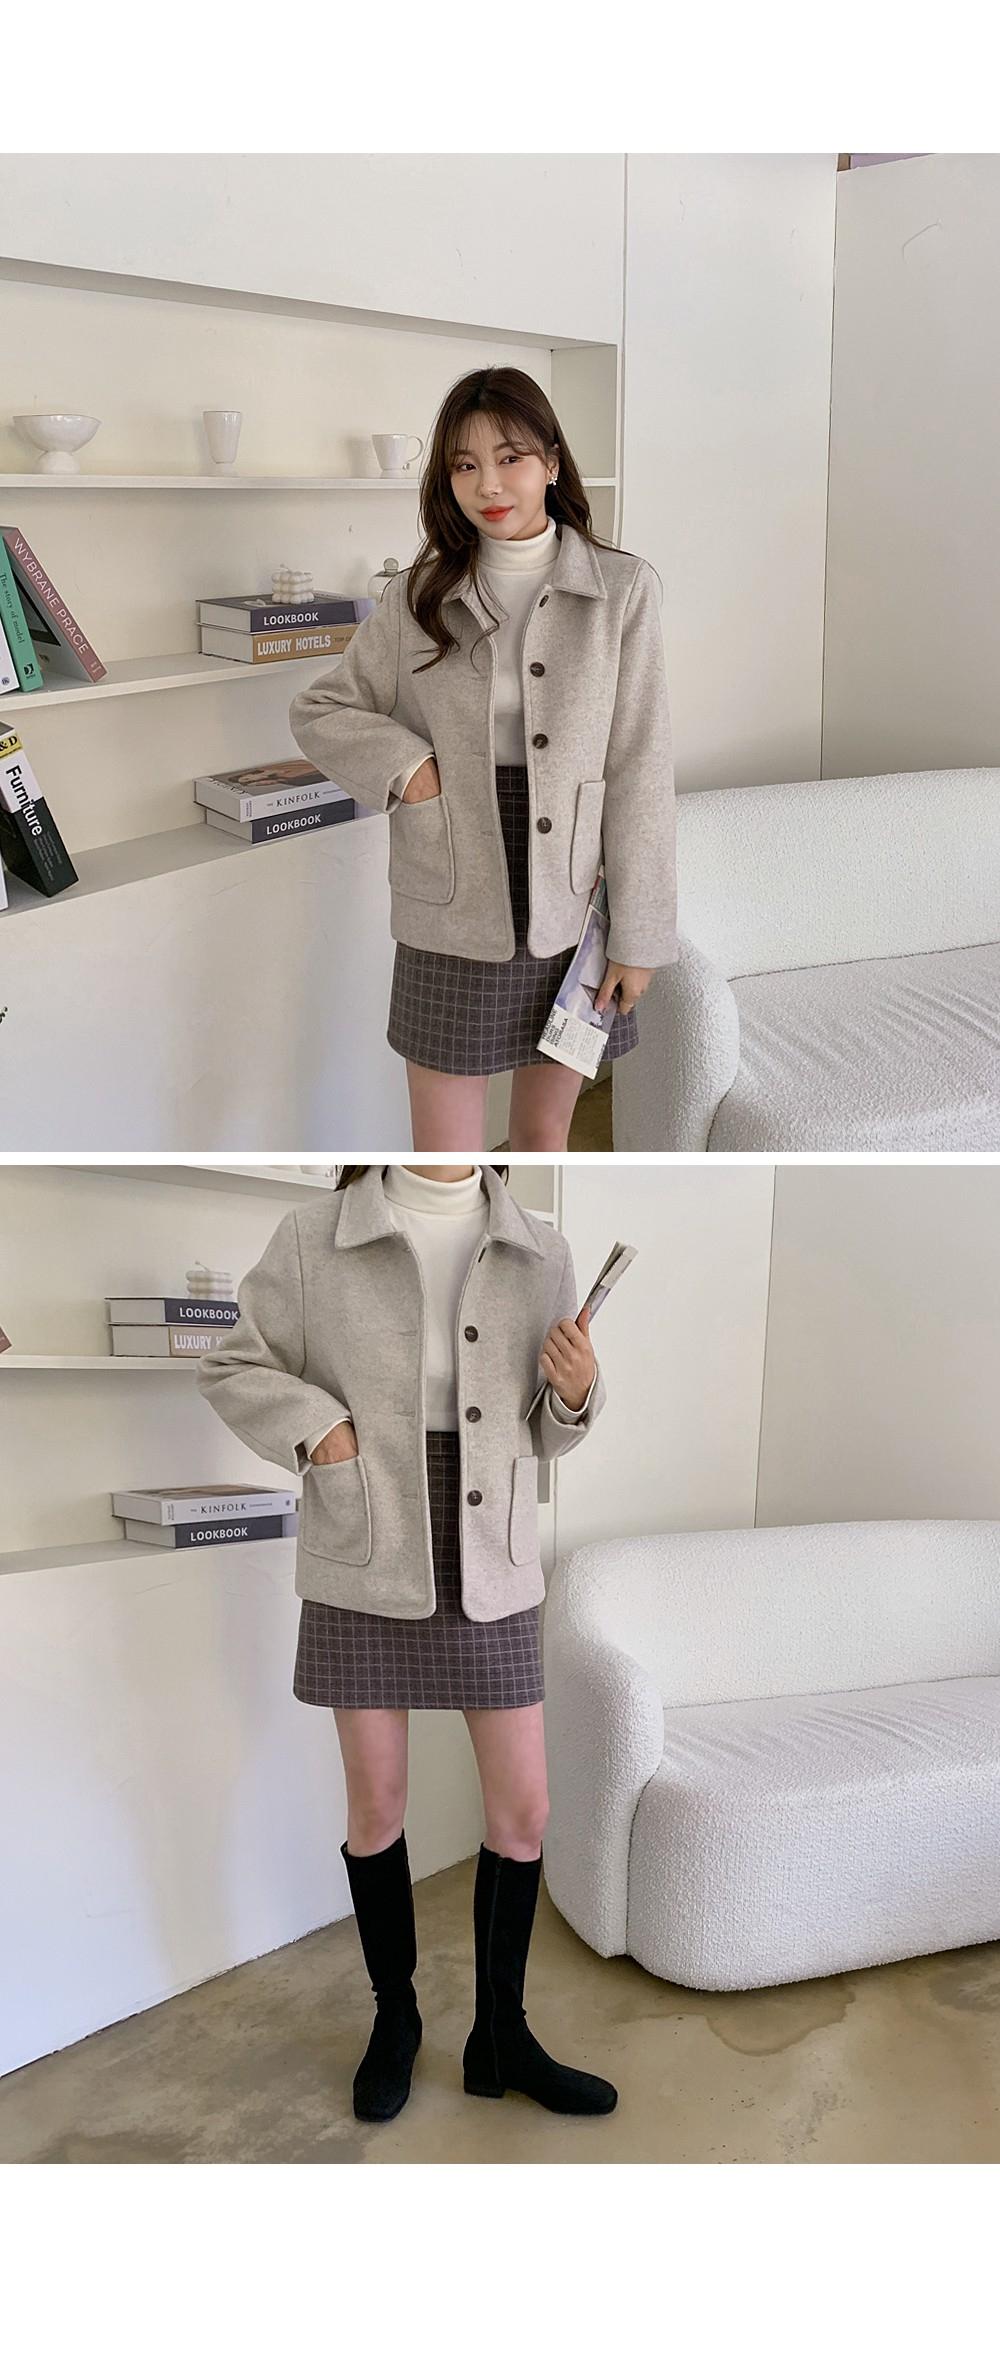 accessories model image-S1L33